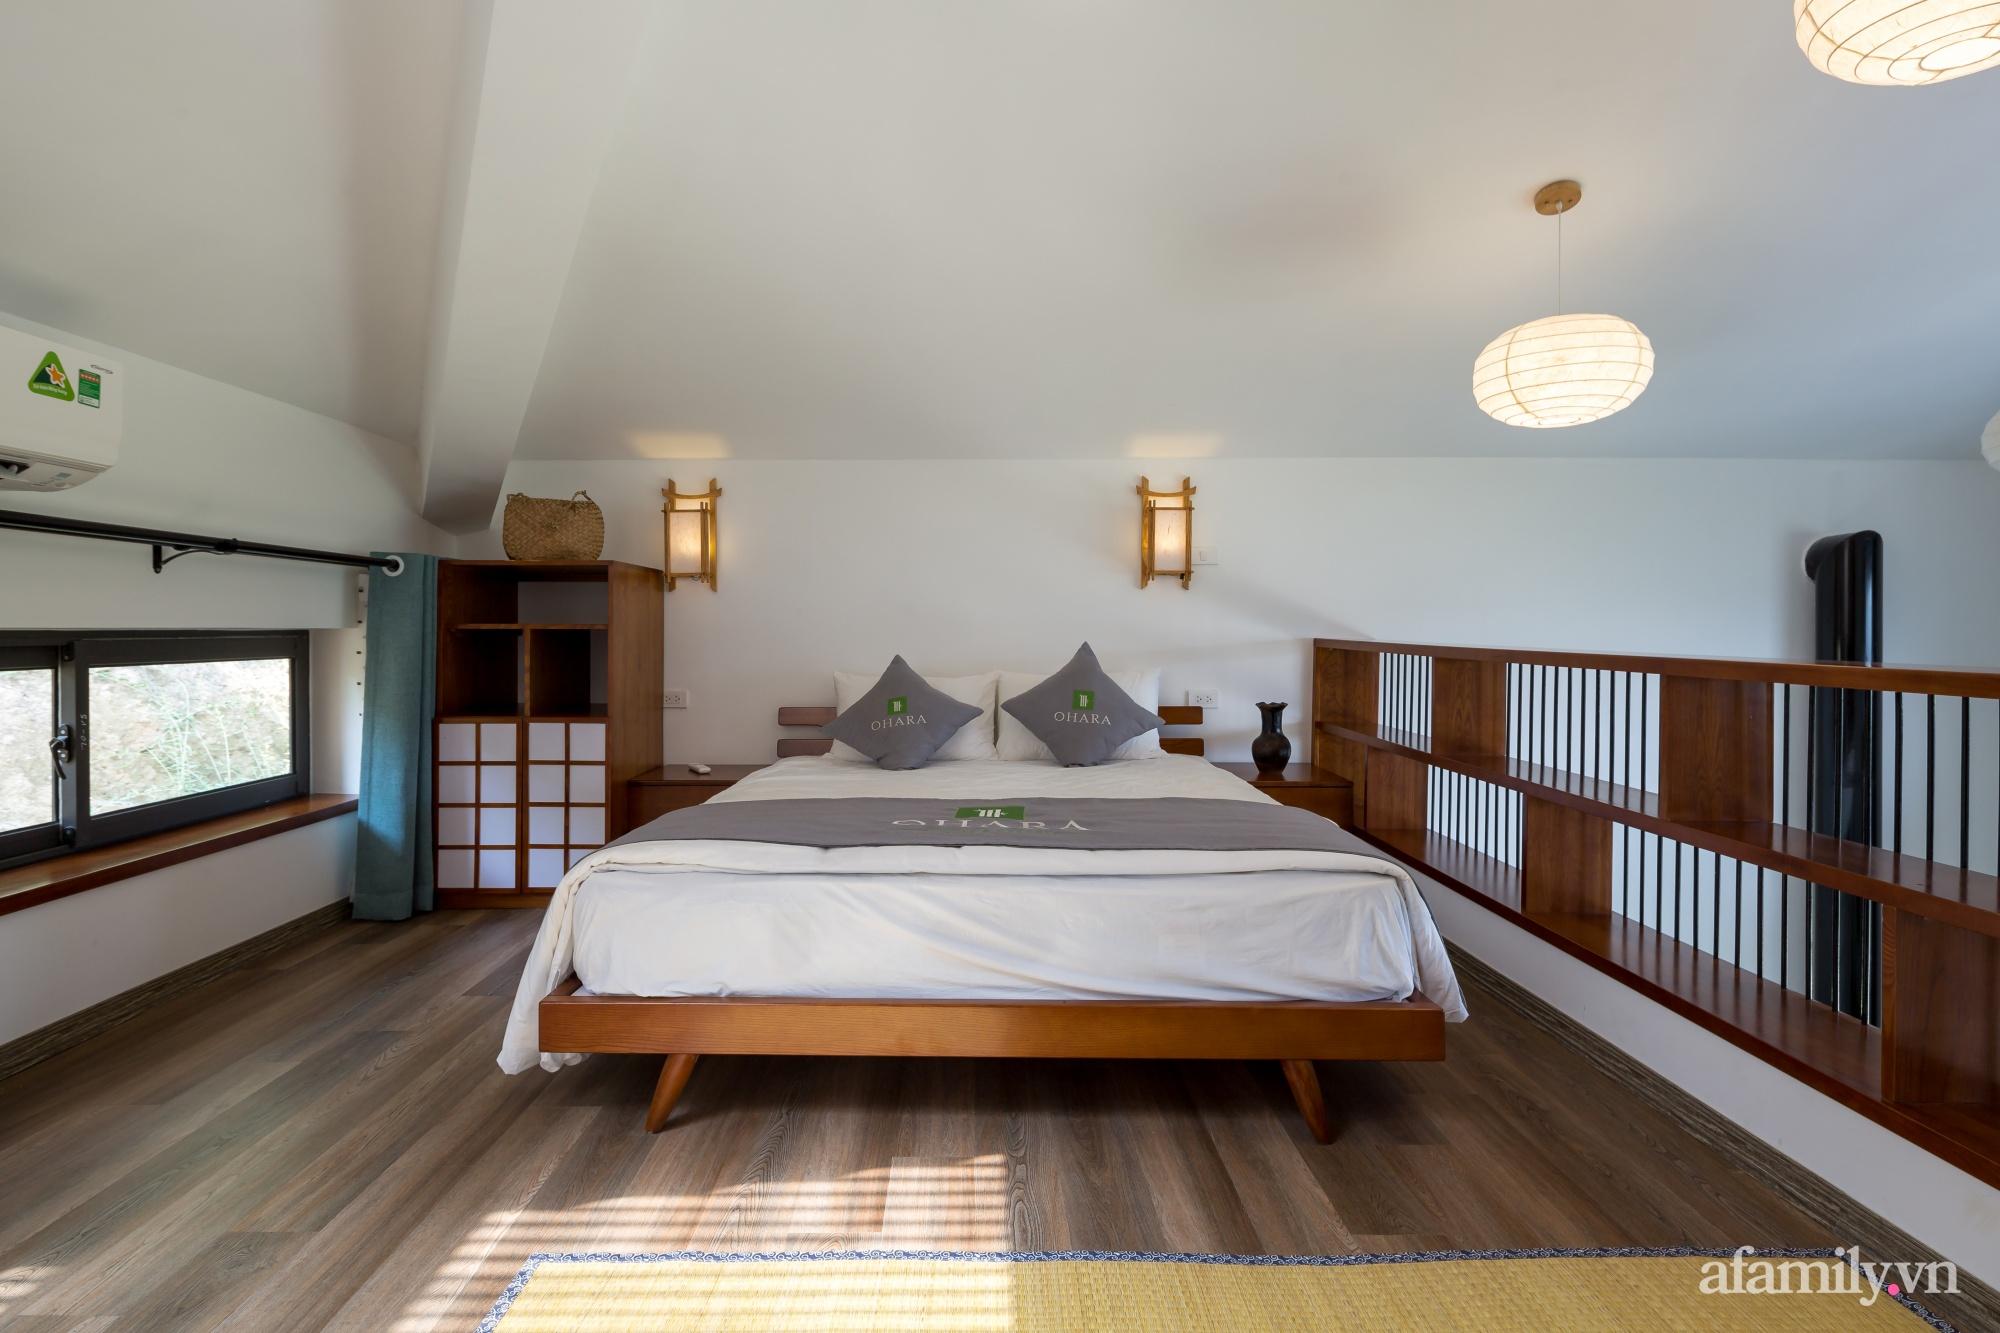 Nhà trên đồi lộng gió thoáng rộng thảnh thơi đón nắng ngập tràn ở Kỳ Sơn, Hòa Bình - Ảnh 18.